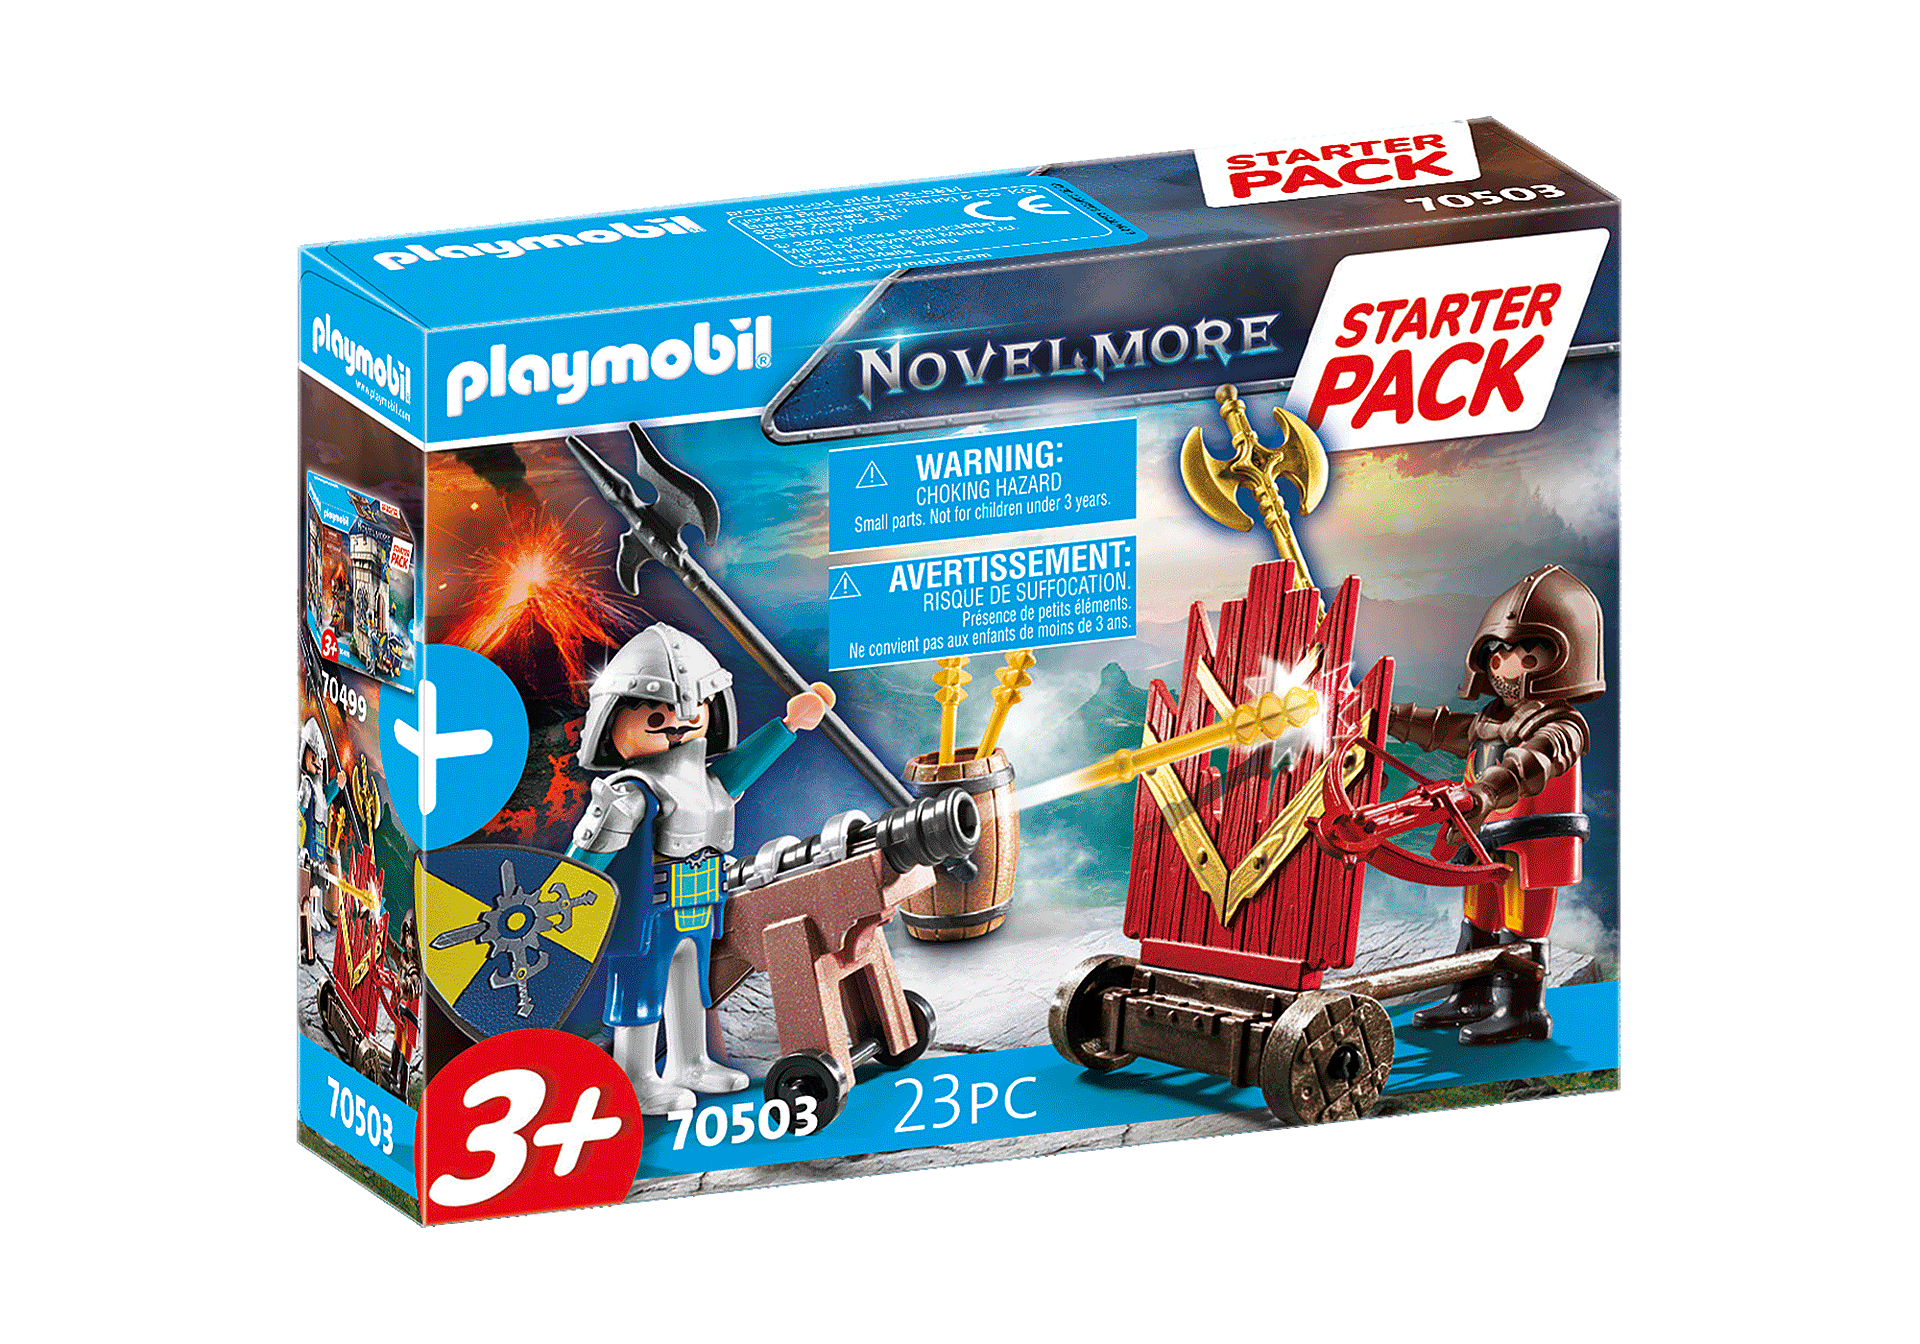 70503 Starter Pack Chevaliers Novelmore zoom image2